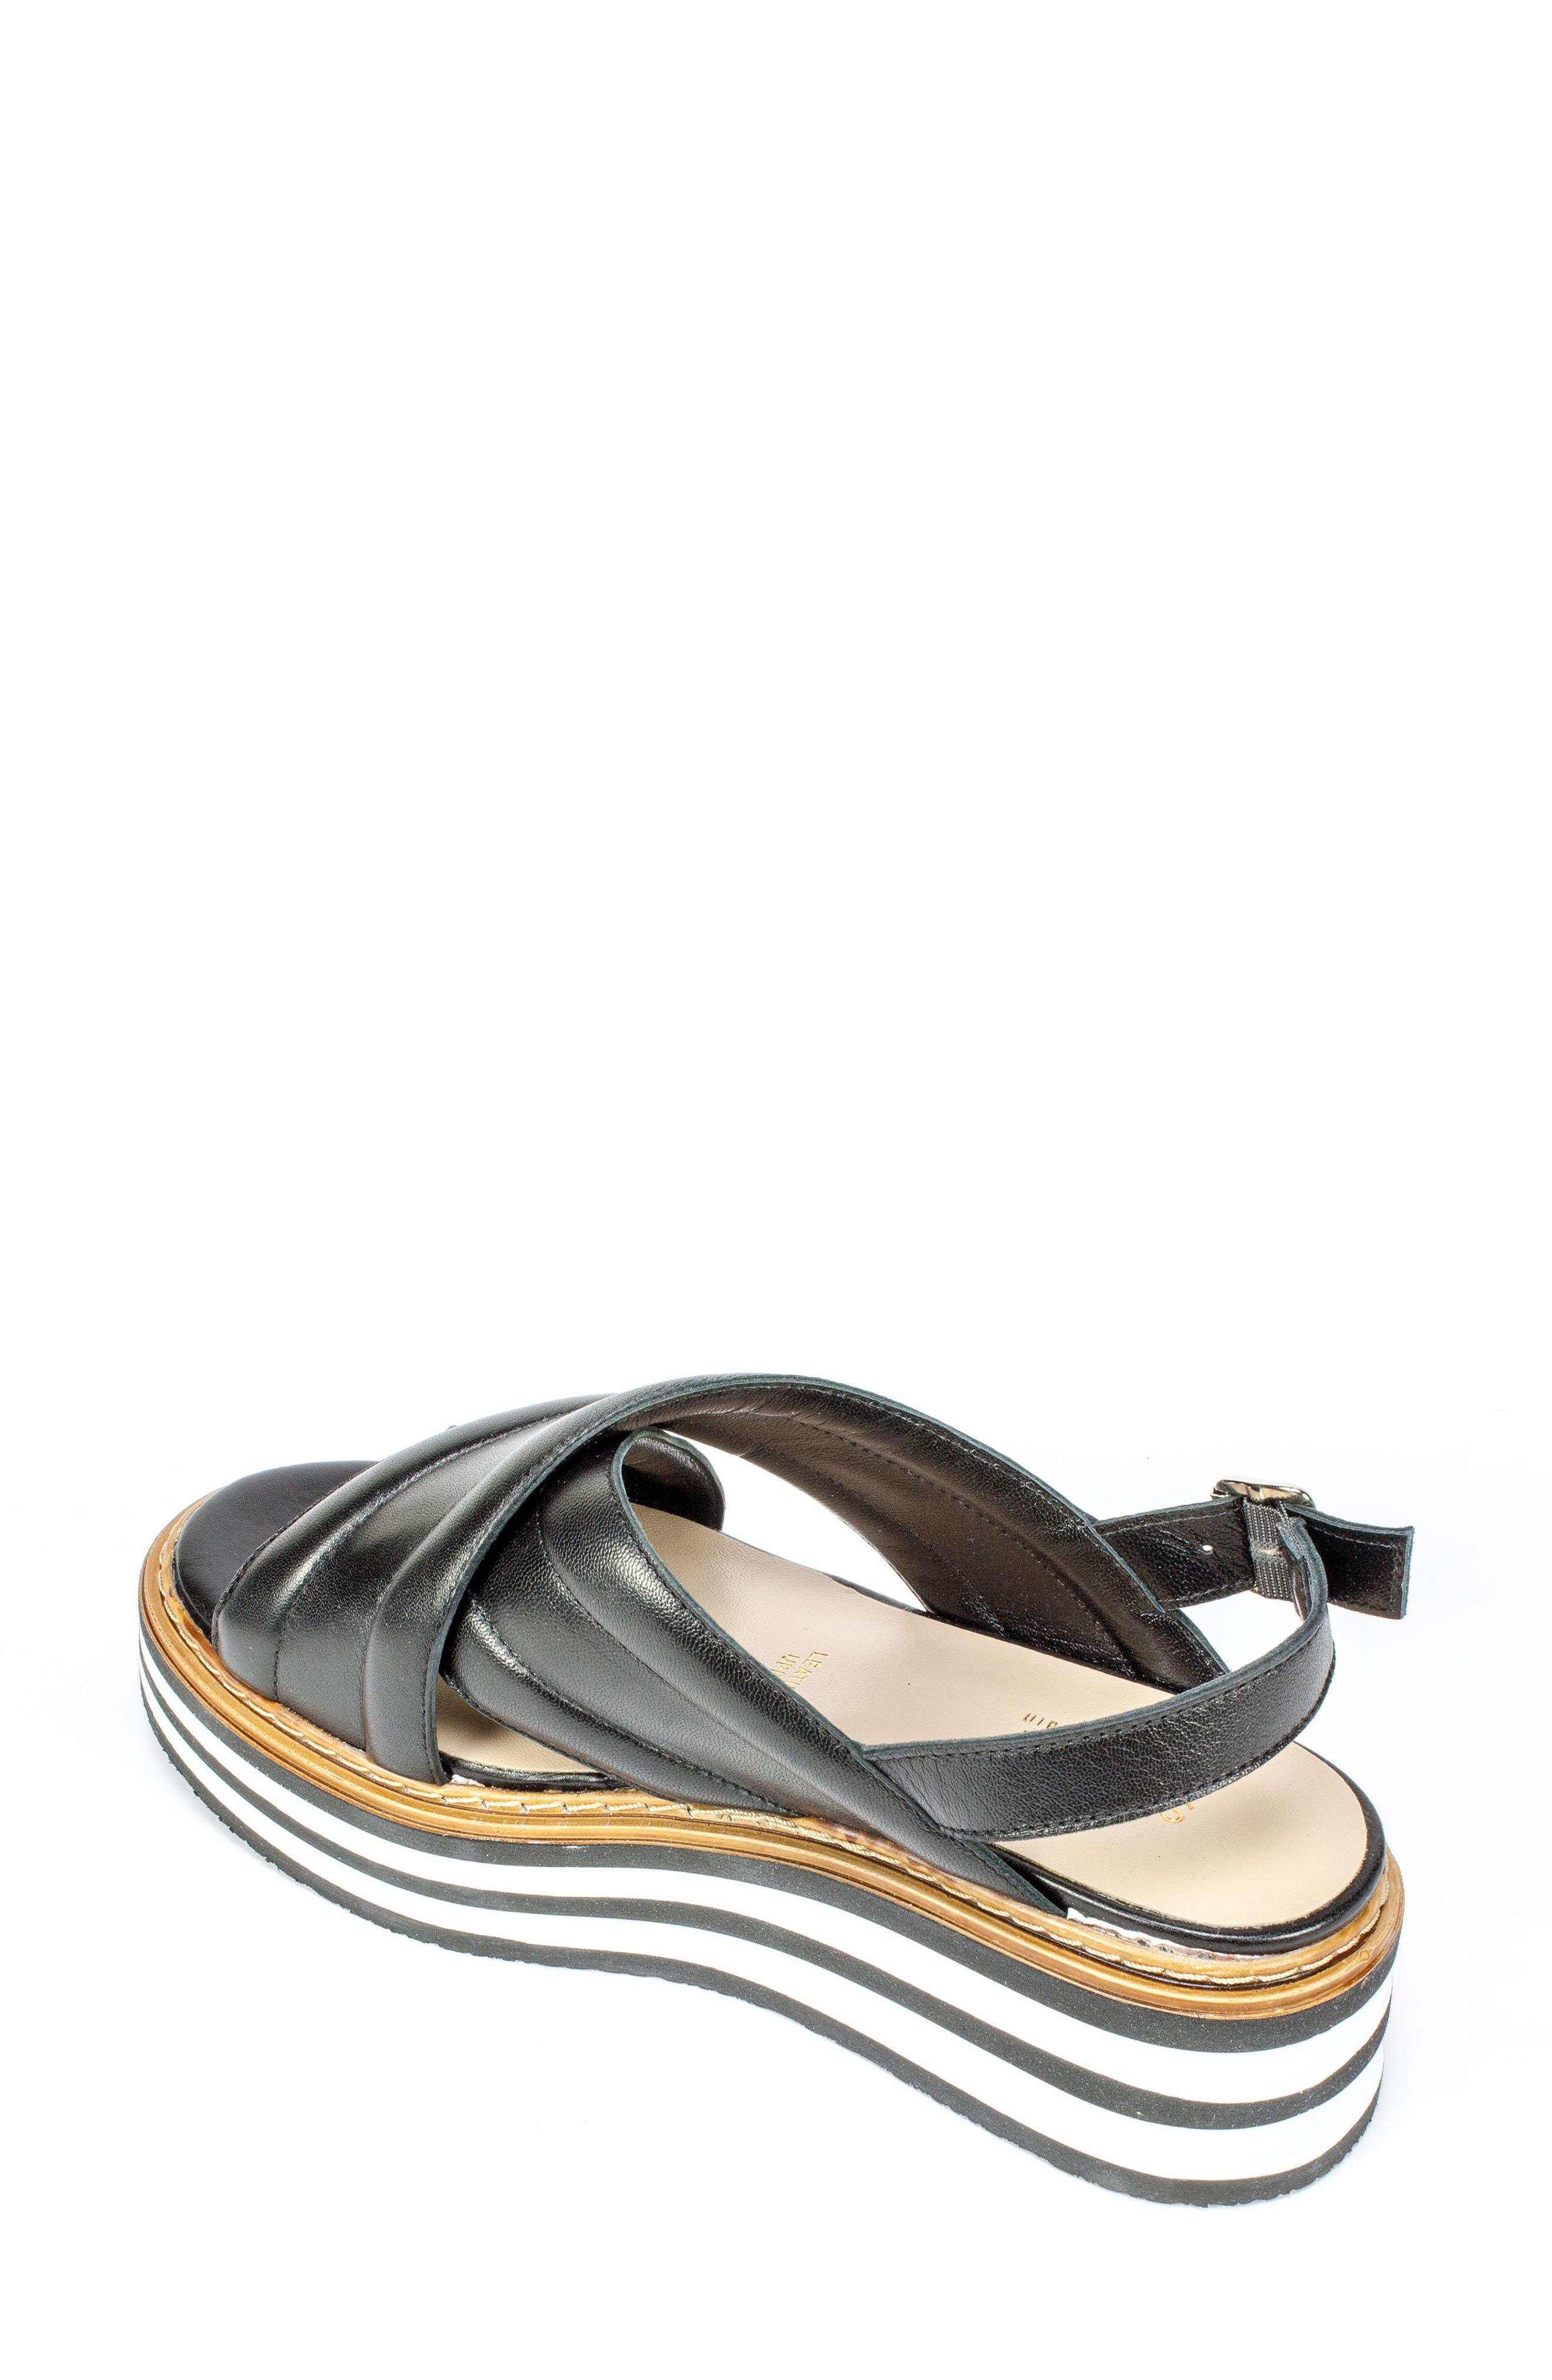 Summit Leanna Platform Sandal,                             Alternate thumbnail 2, color,                             001